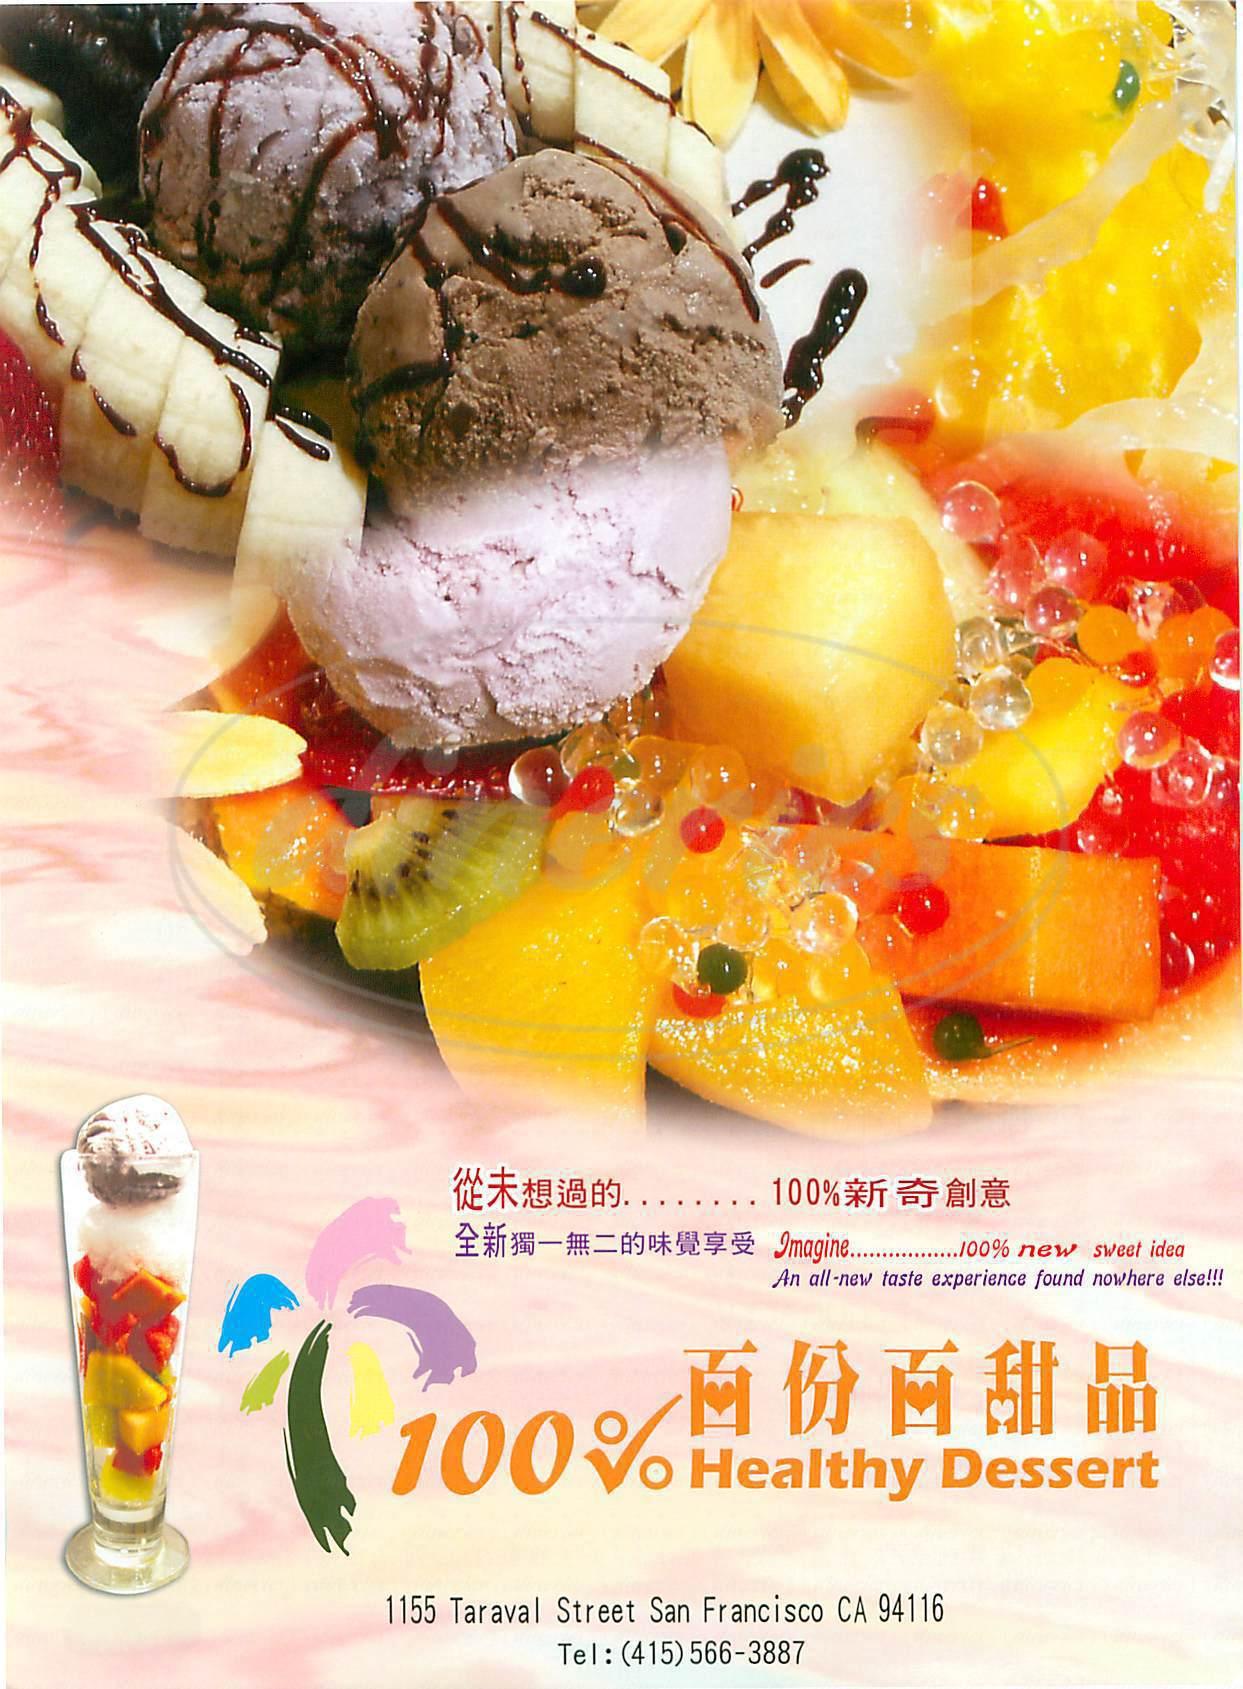 menu for One Hundred Percent Healthy Desert